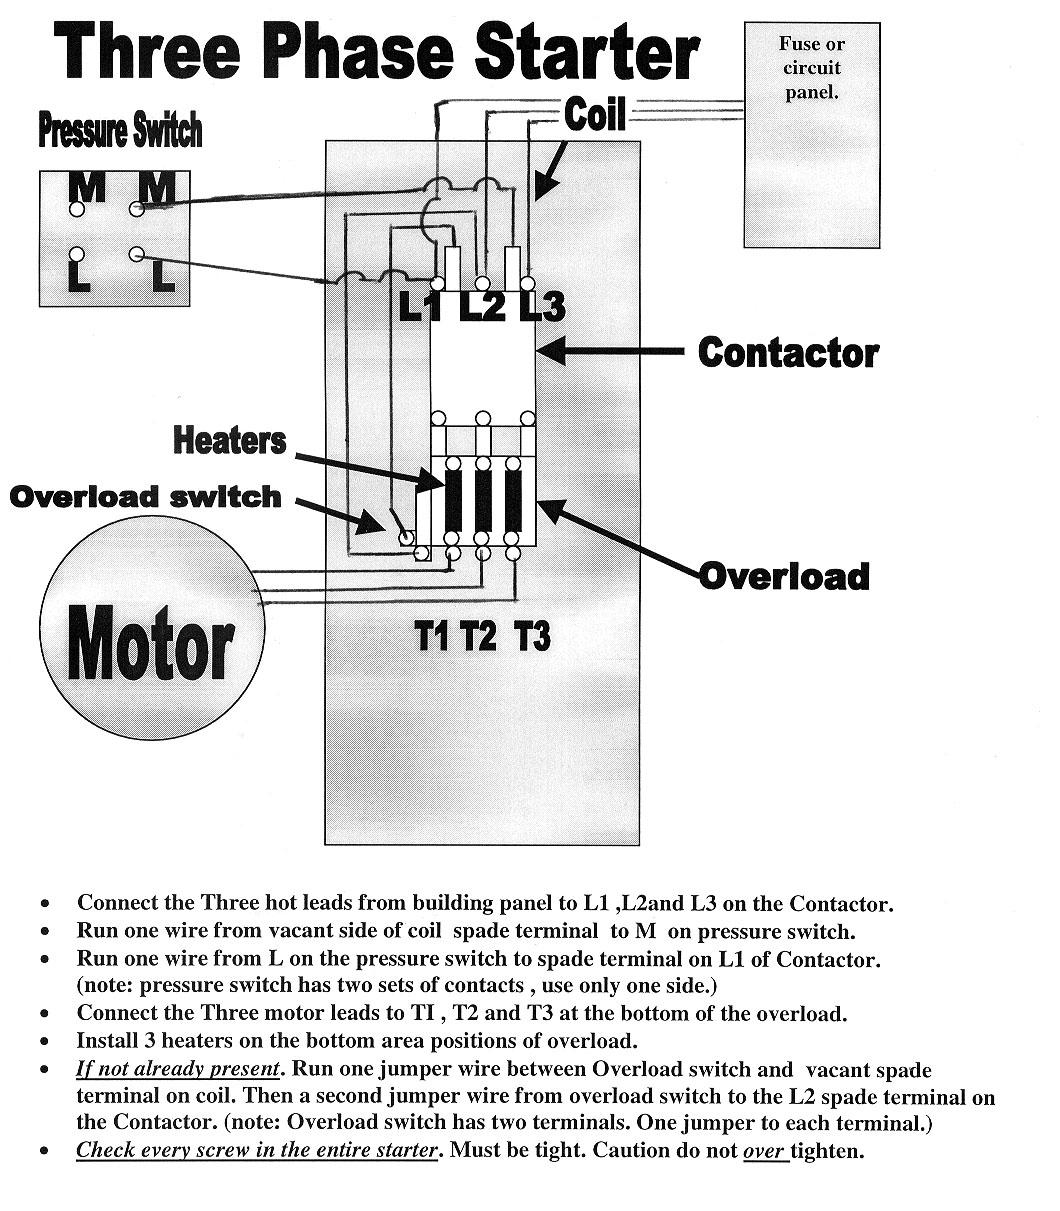 3 phase motor starter wiring diagram pdf 2016 ford focus alternator free